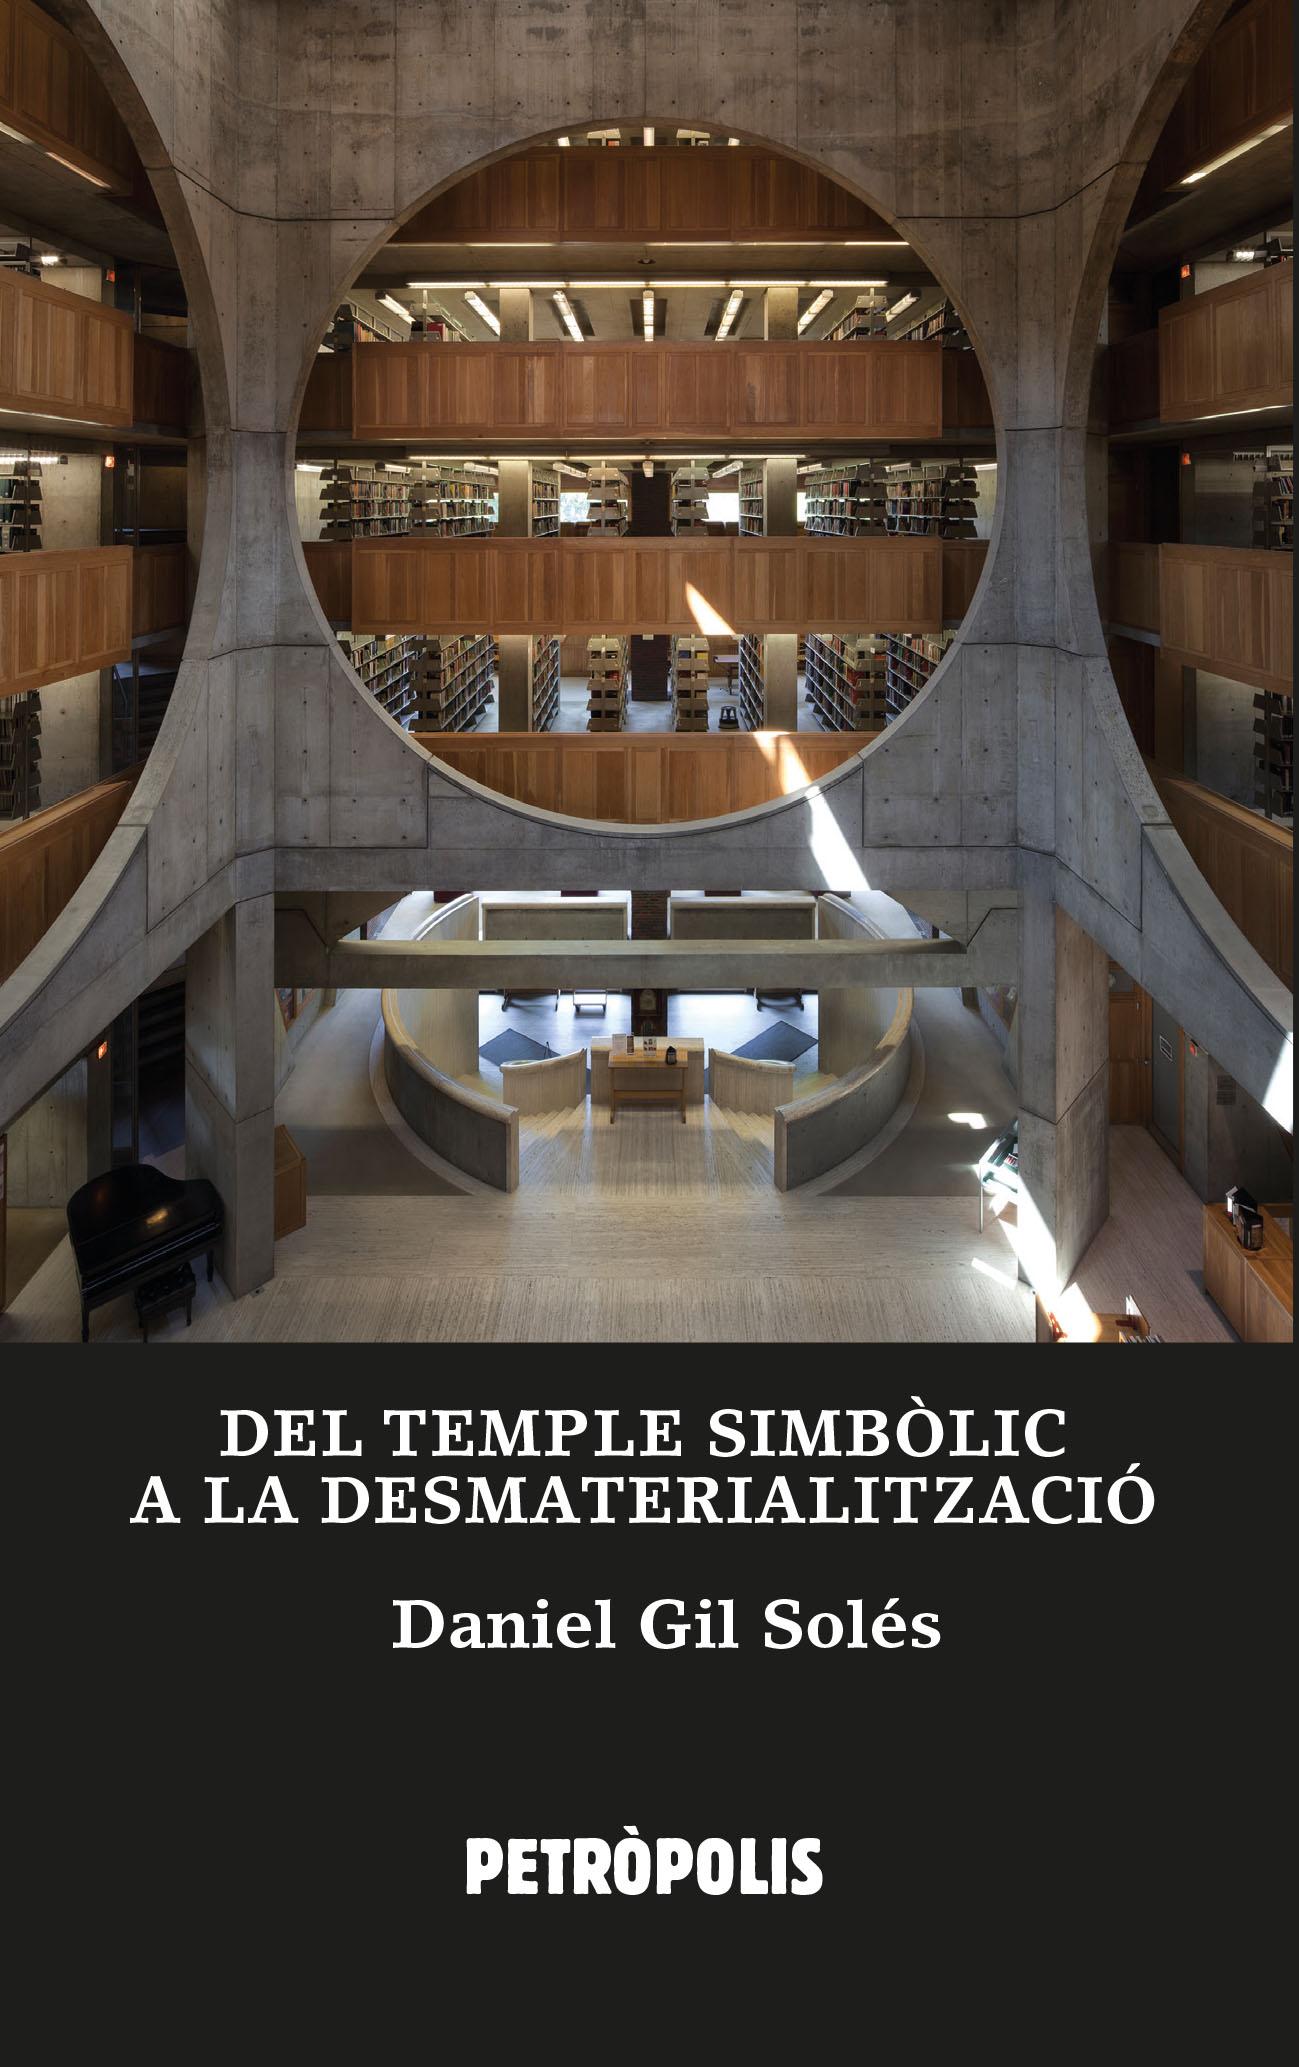 Del temple simbòlic a la desmaterialització